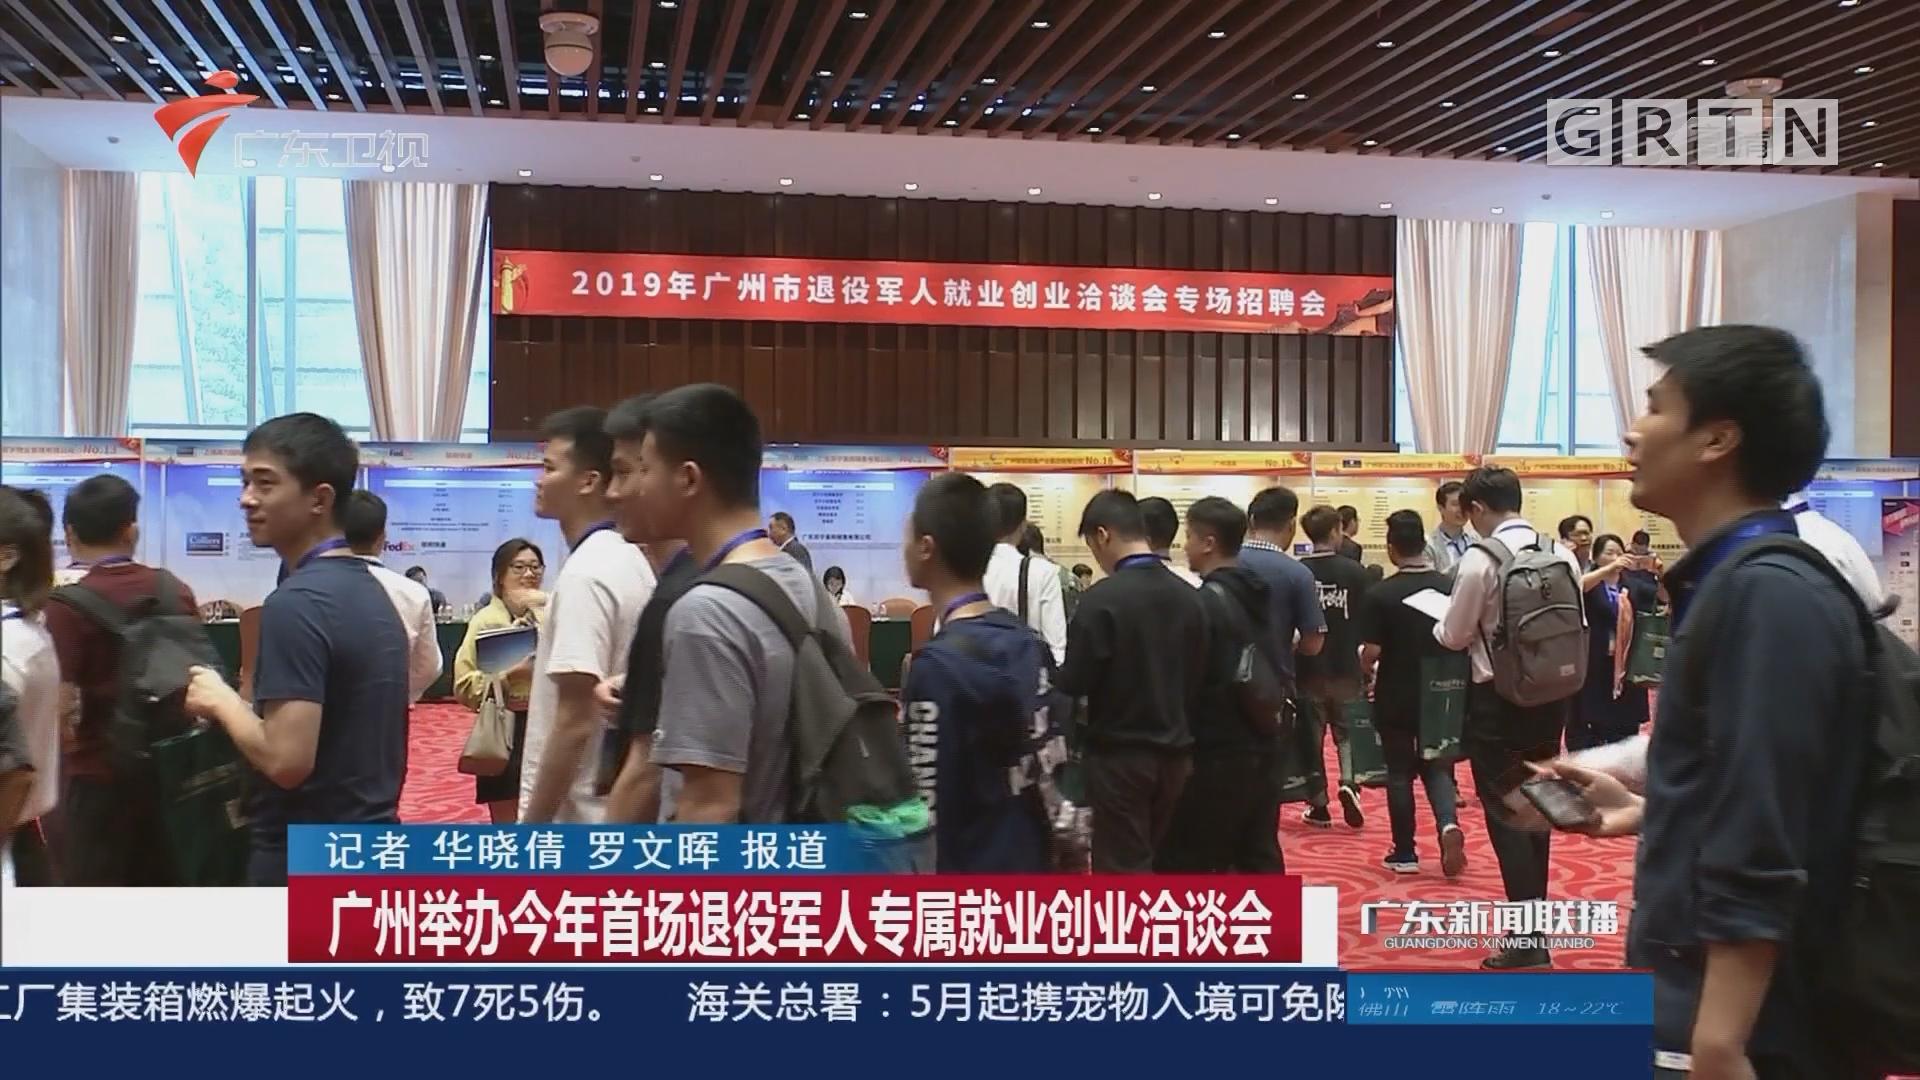 广州举办今年首场退役军人专属就业创业洽谈会